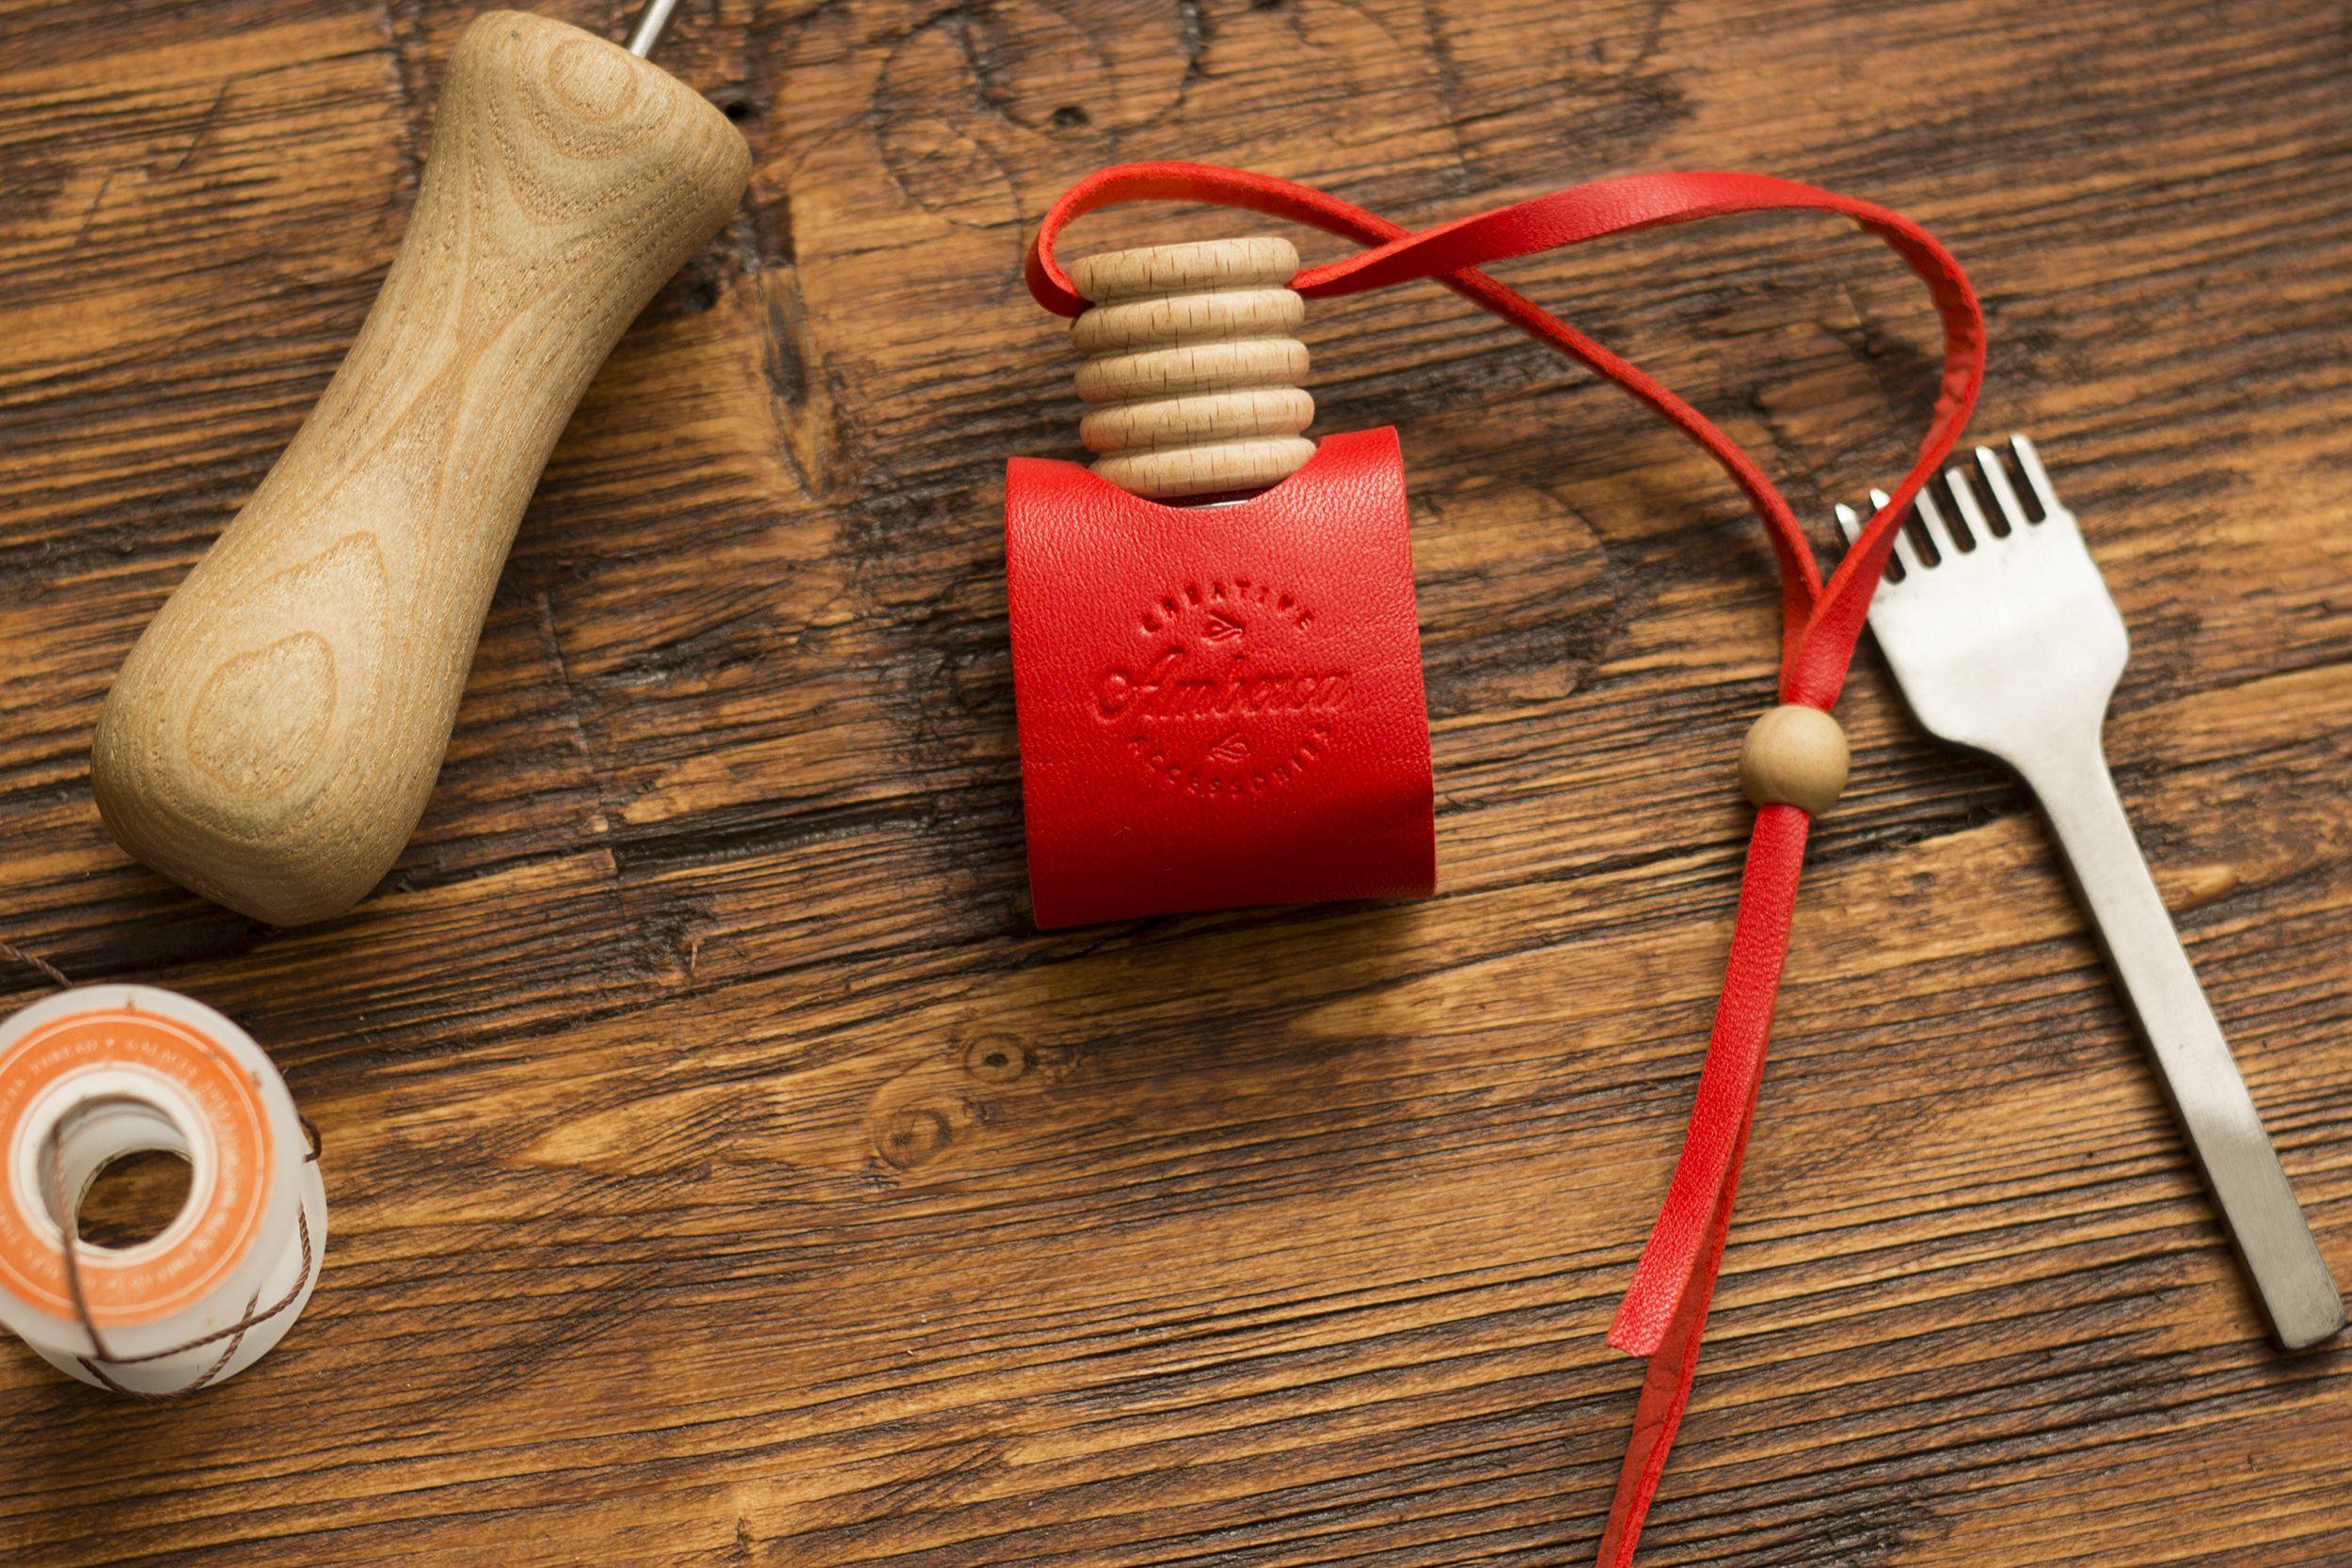 perfume valentines leather car gift freshener fragrance diffuser women air men handmade for